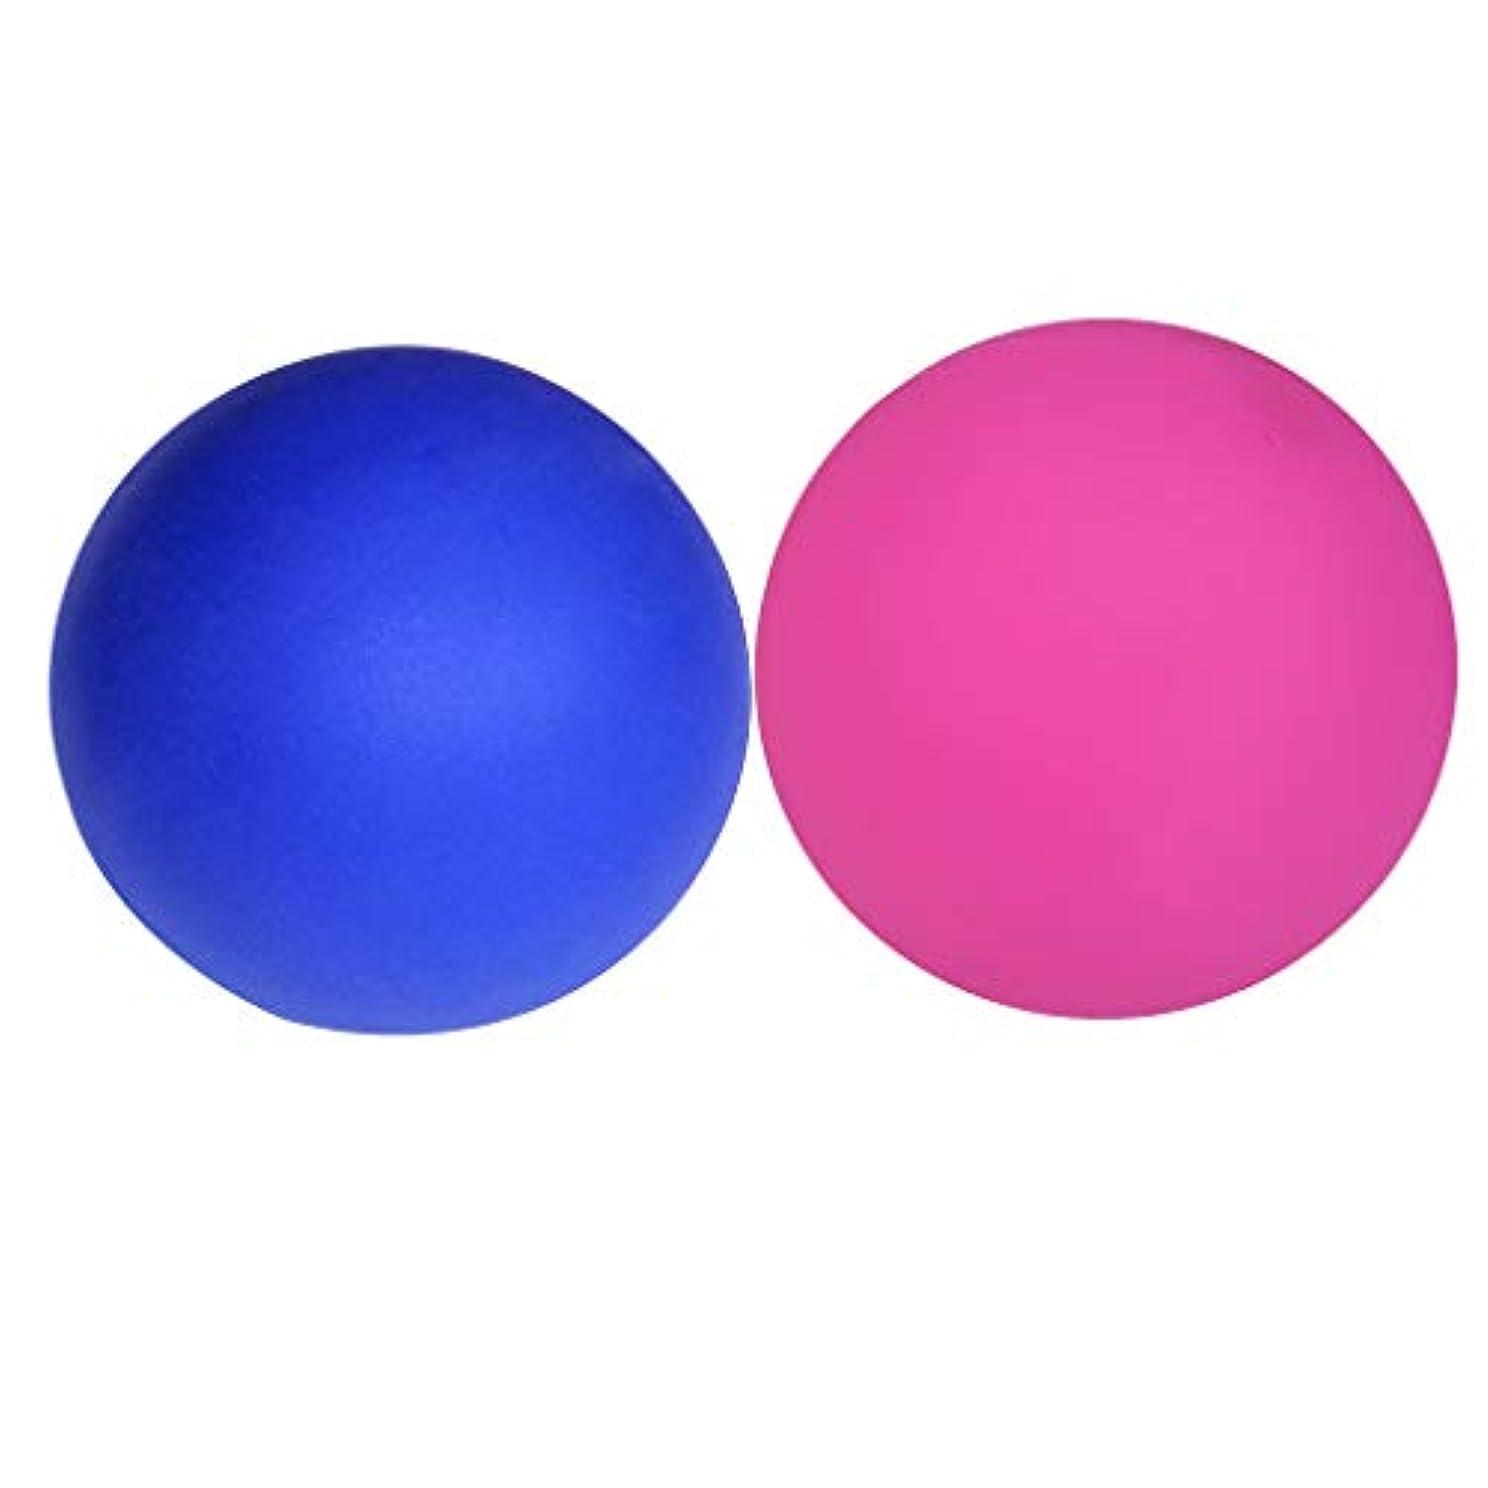 閲覧する維持関税KESOTO 2個 ラクロスマッサージボール マッサージ マッサージャー ボール リリース ポイントマッサージ